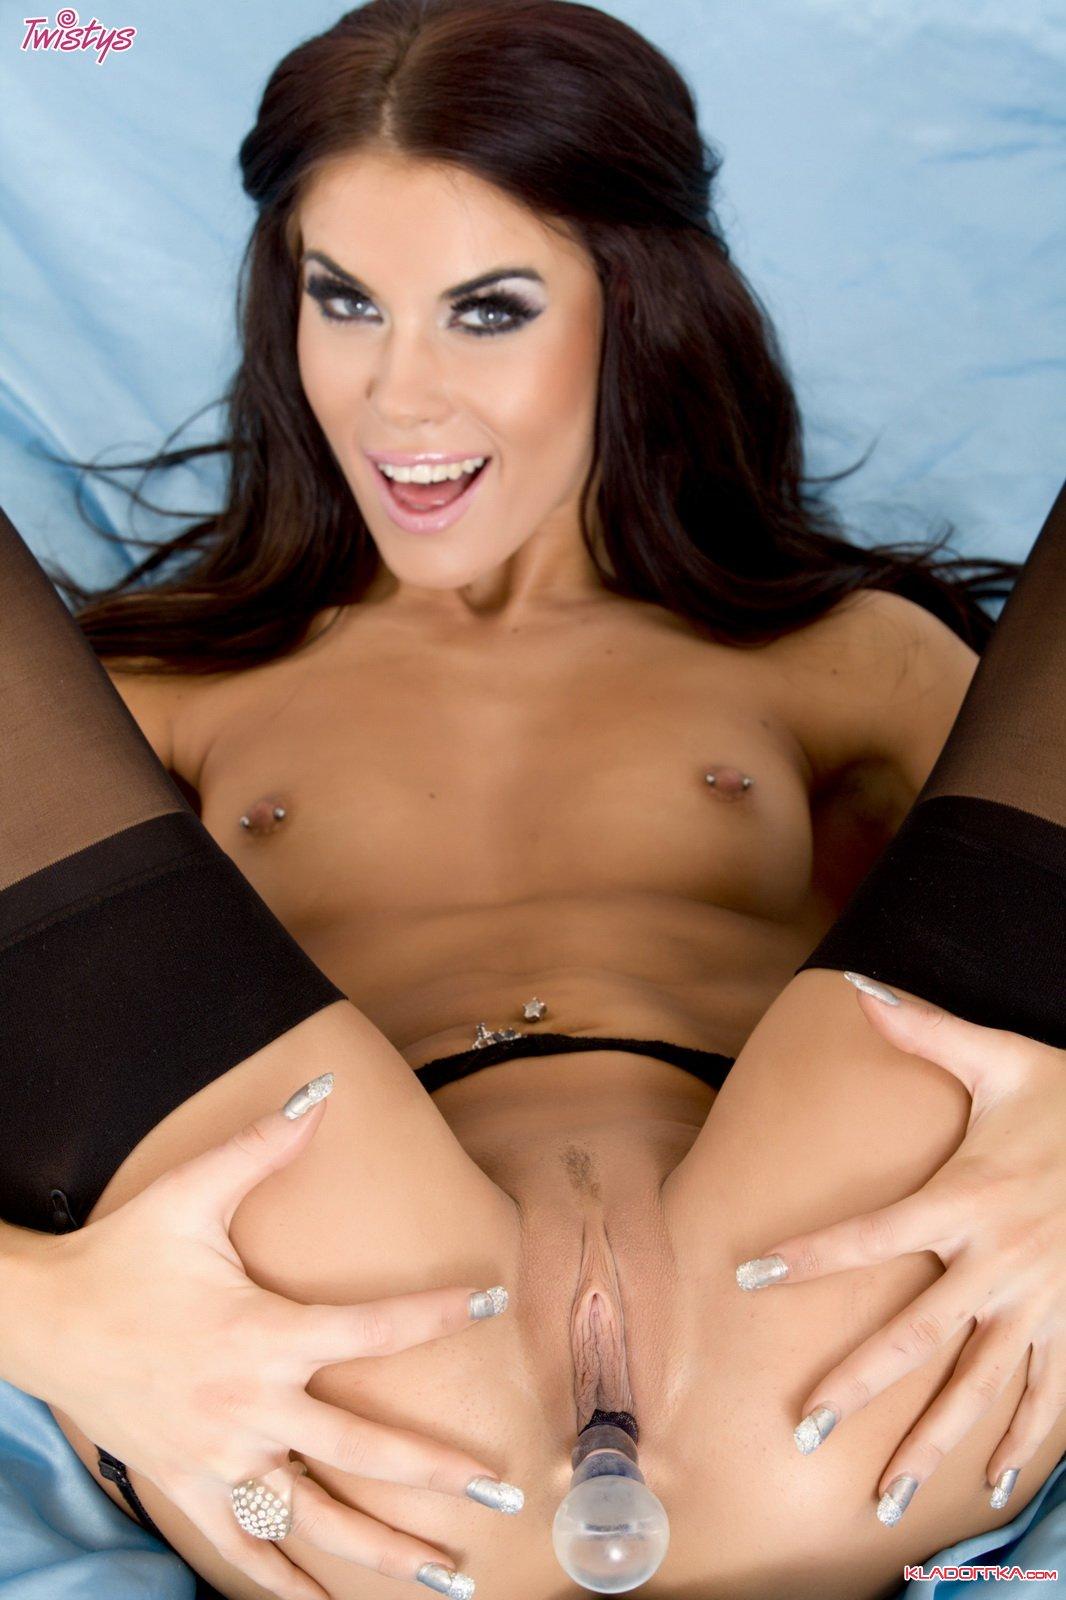 фото порно секси девушек